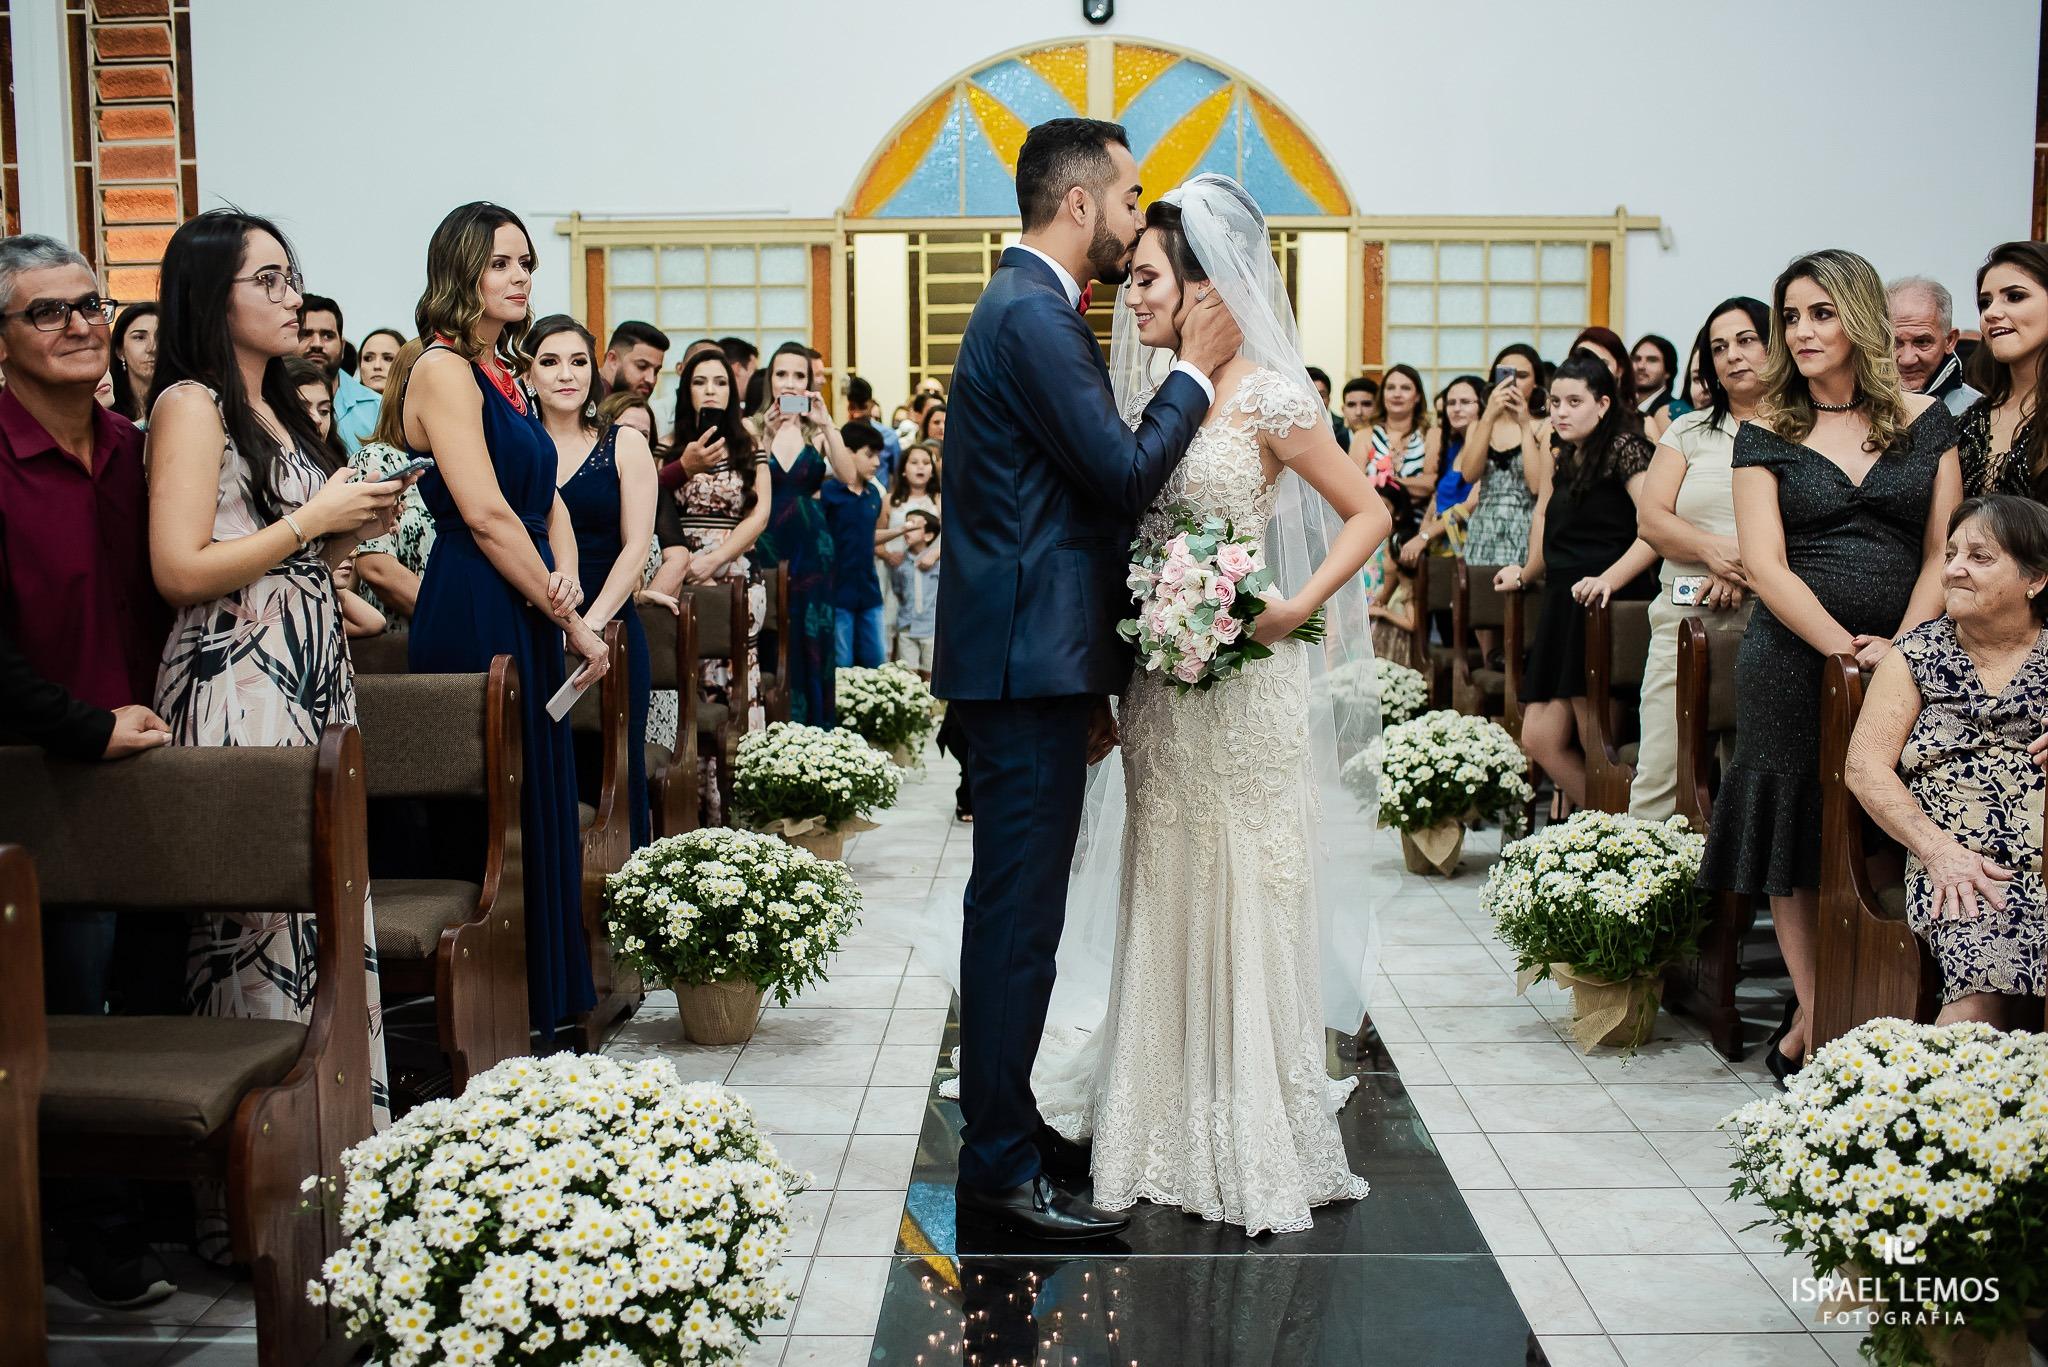 Casamento em Pará de Minas - Bruna e Leonardo - Zephora Alta Costura - Foto Israel Lemos